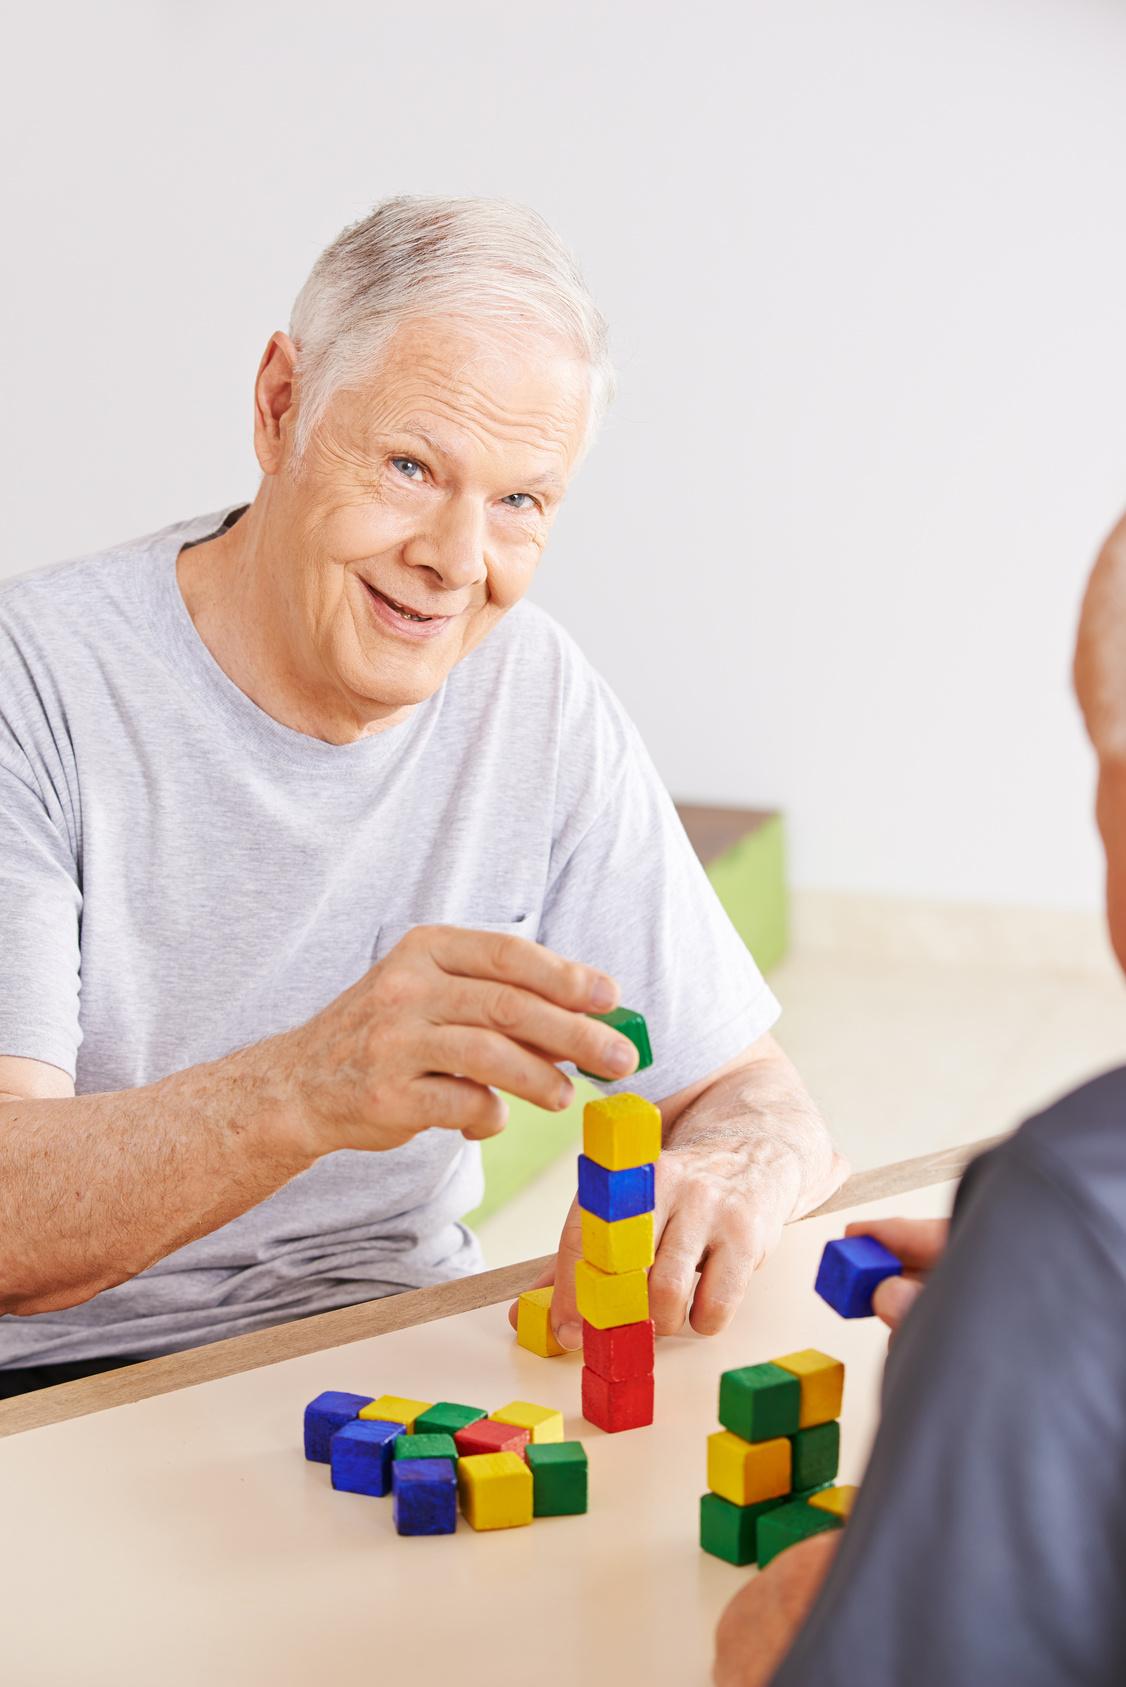 Spiele & Beschäftigung » Für Demenzkranke / bei Demenz